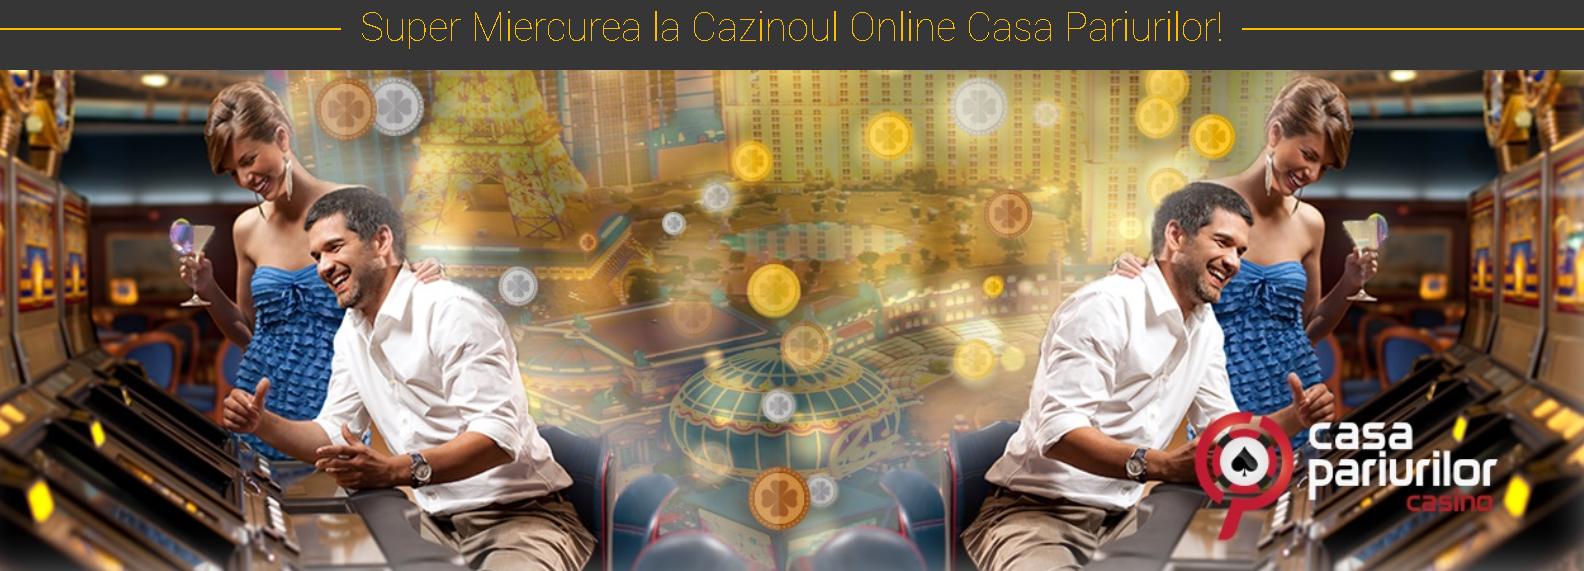 promotii casa pariurilor cazino